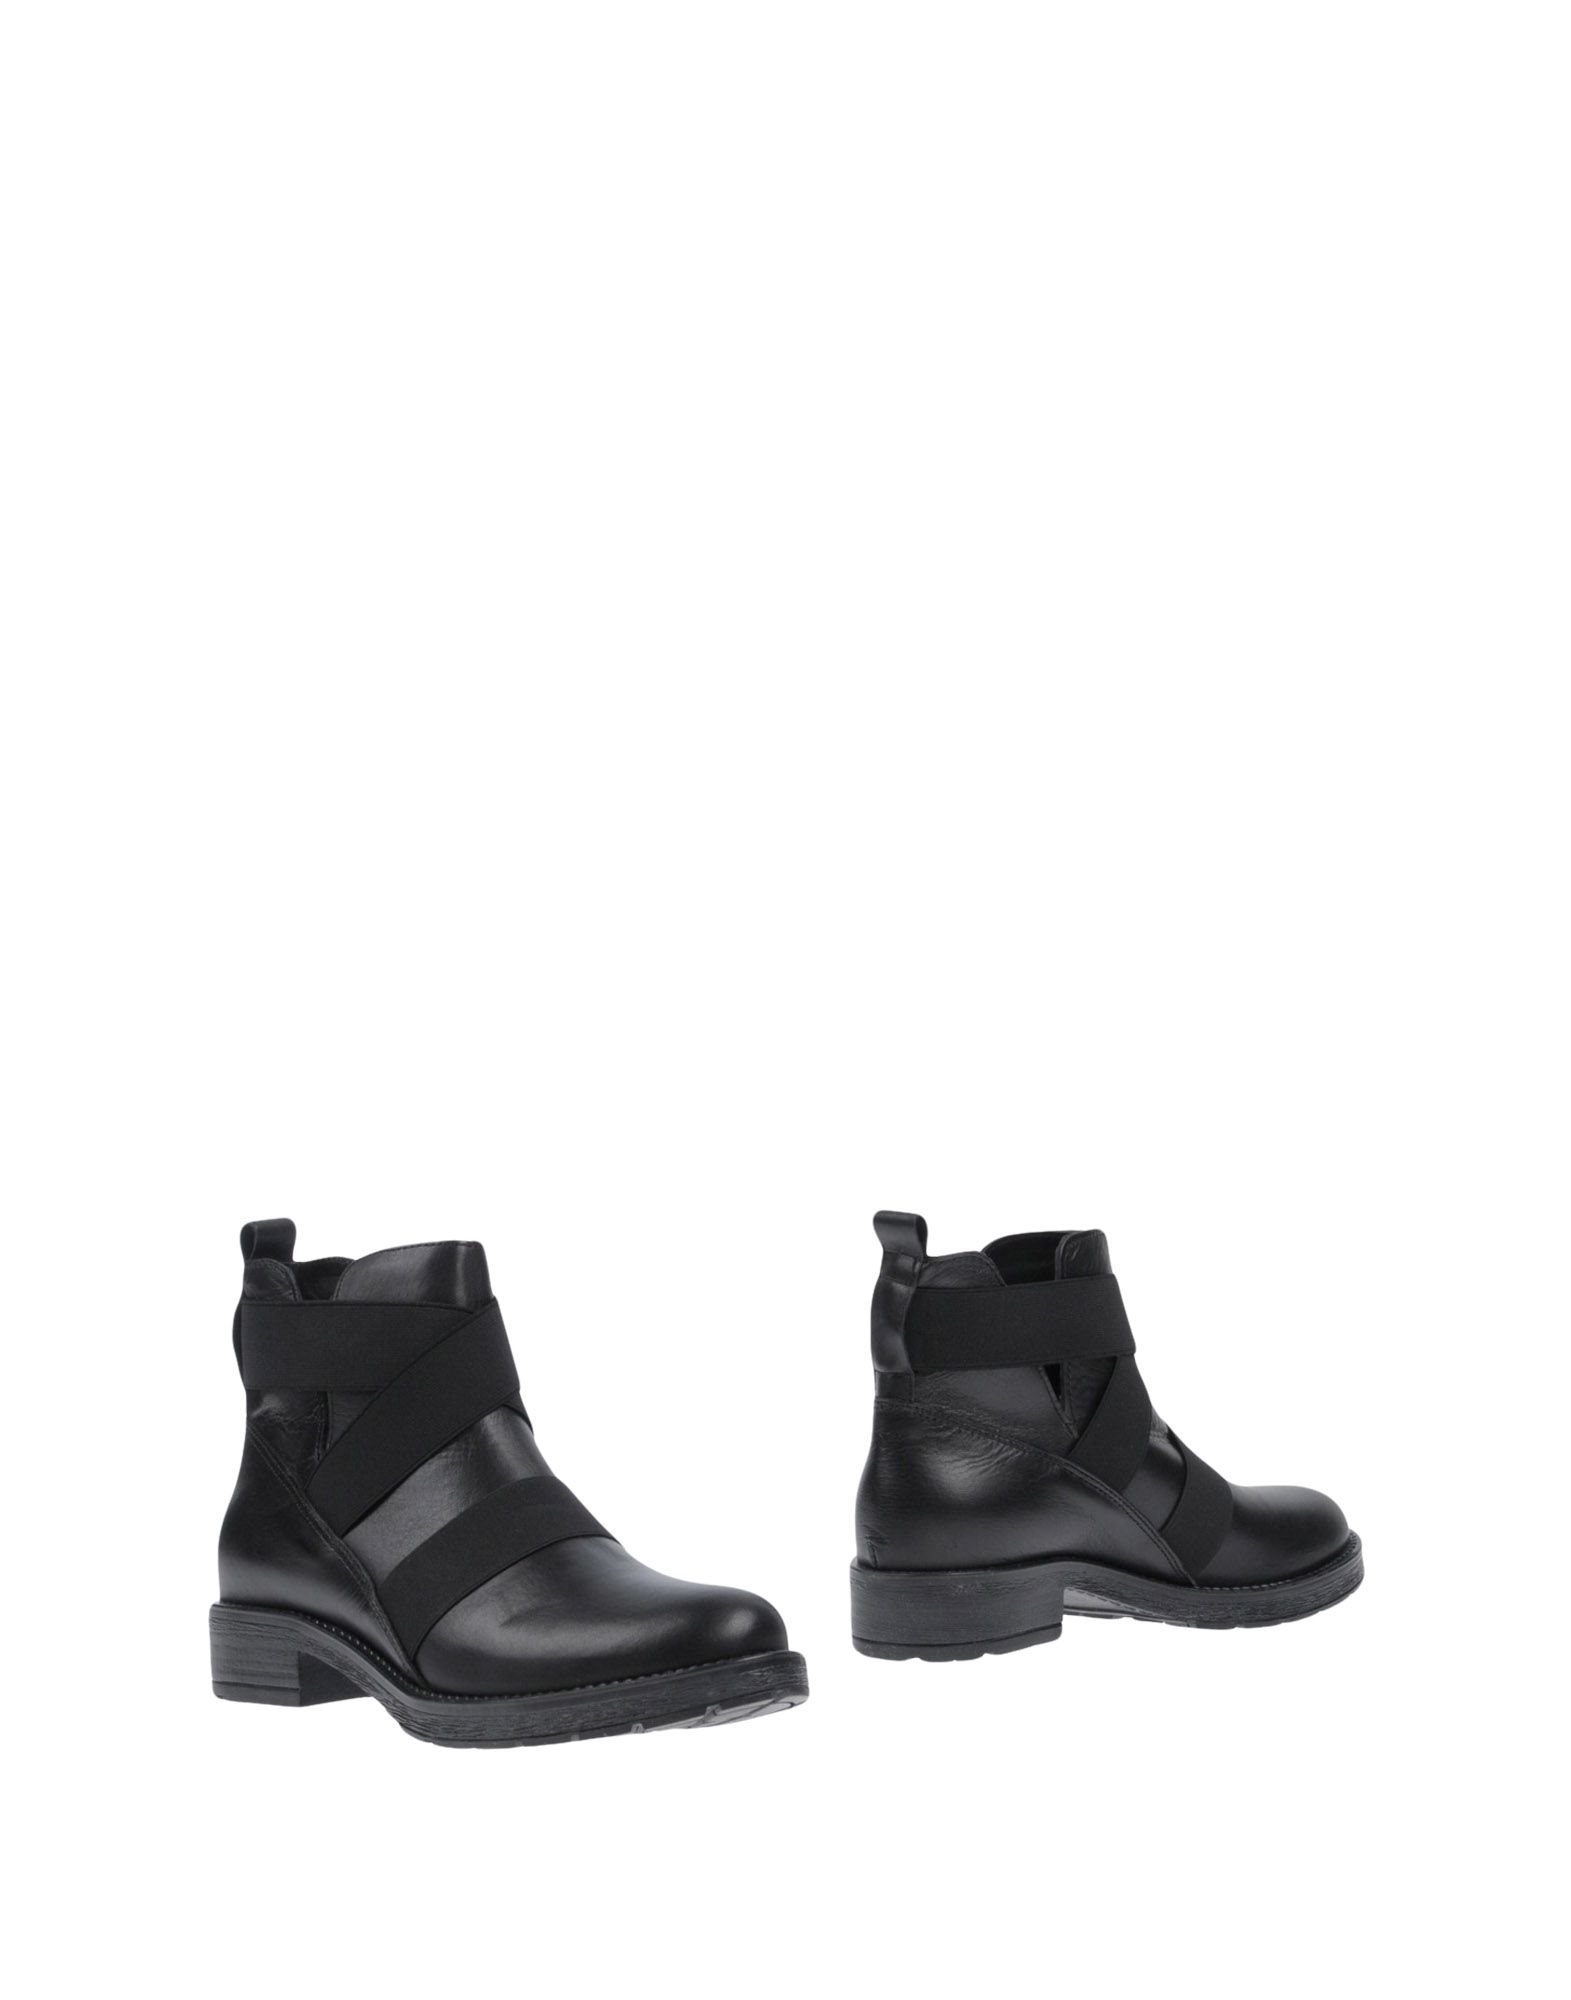 Paola Firenze Gute Stiefelette Damen  11456014TM Gute Firenze Qualität beliebte Schuhe e1203f